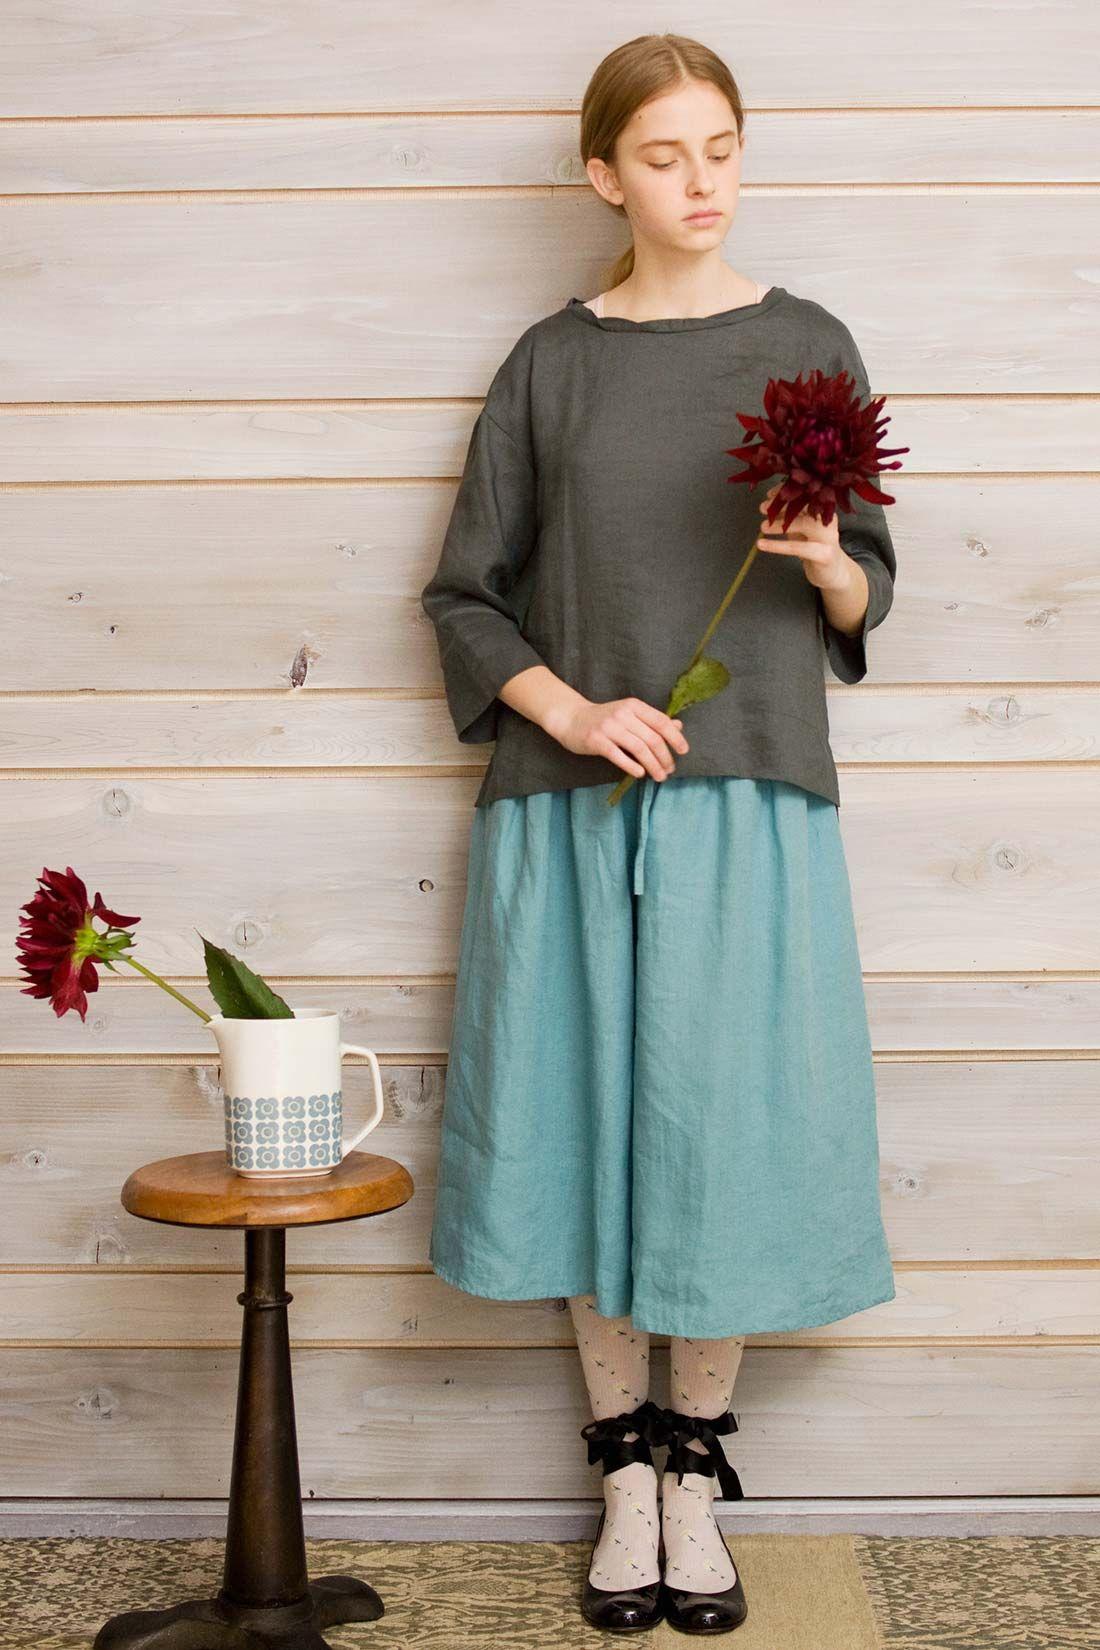 布はPres-deさんで購入した、ヘリンボーン模様のリネンダンガリー生地。 スカートのように見えるけど、袴みたいなパンツ。長めにしたかったので、デフォルトより10cm  ...